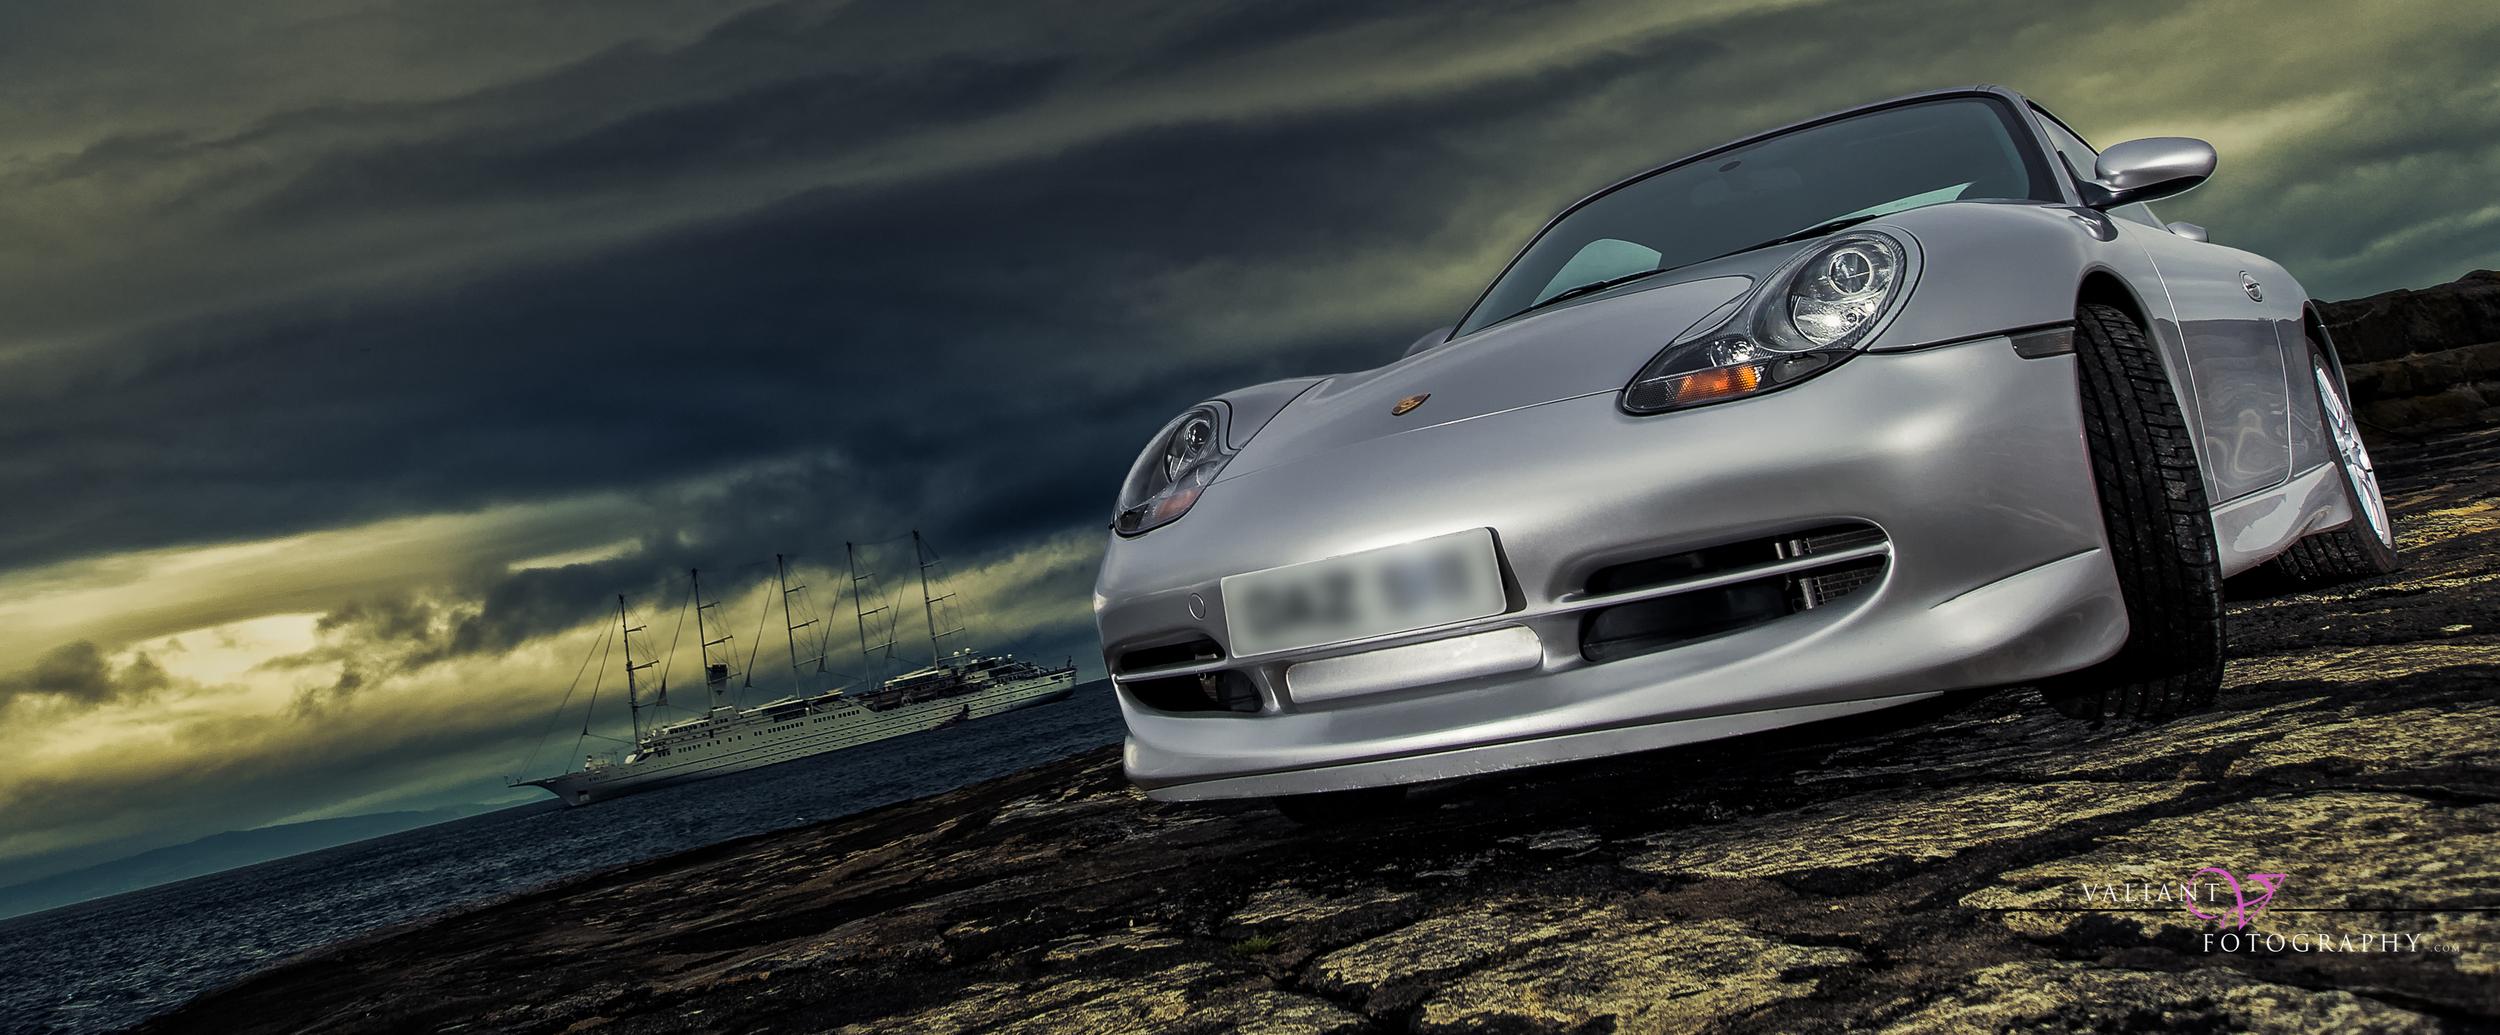 Porsche carrera -2.jpg